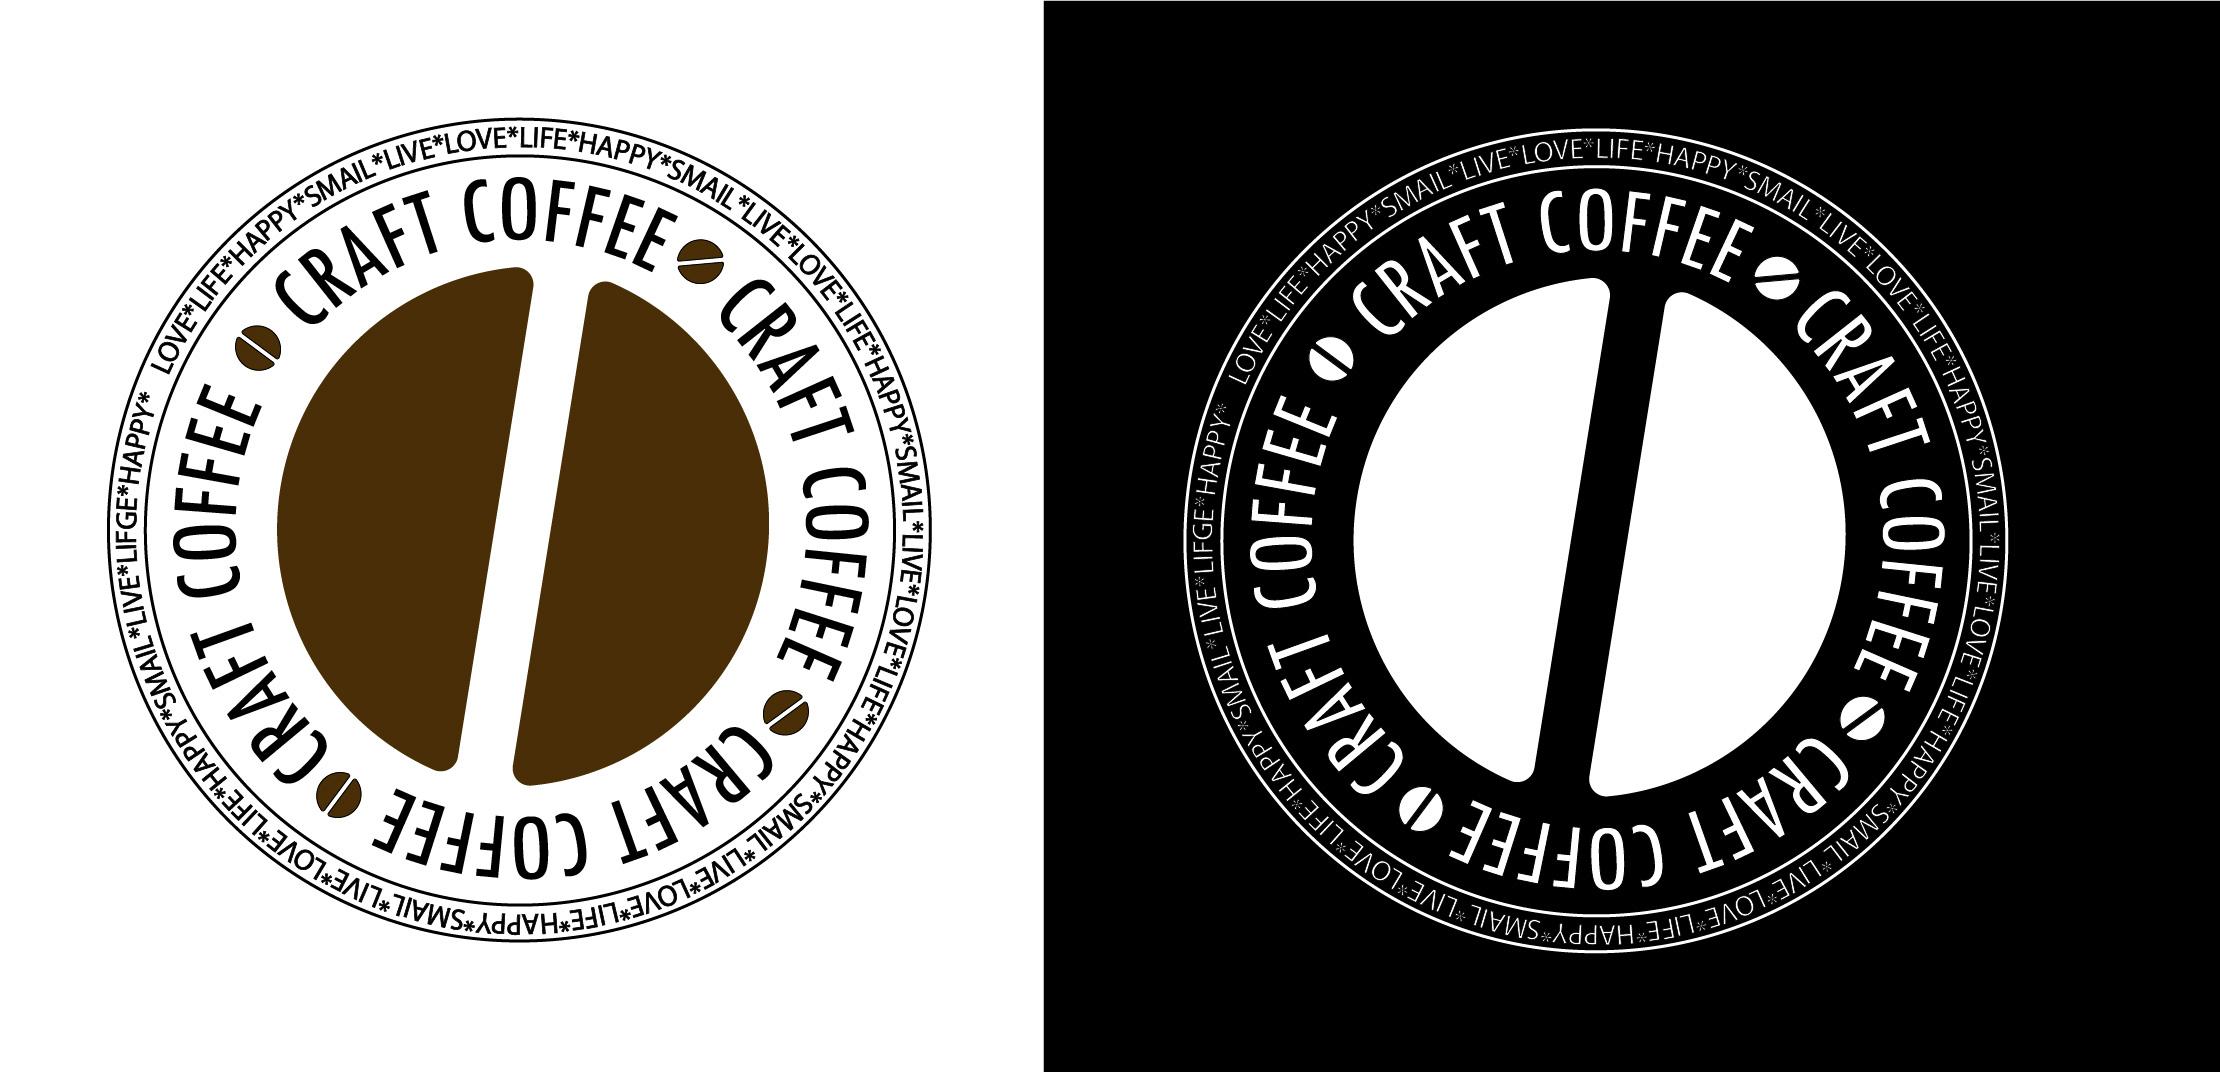 Логотип и фирменный стиль для компании COFFEE CULT фото f_8845bbb353f933f4.jpg